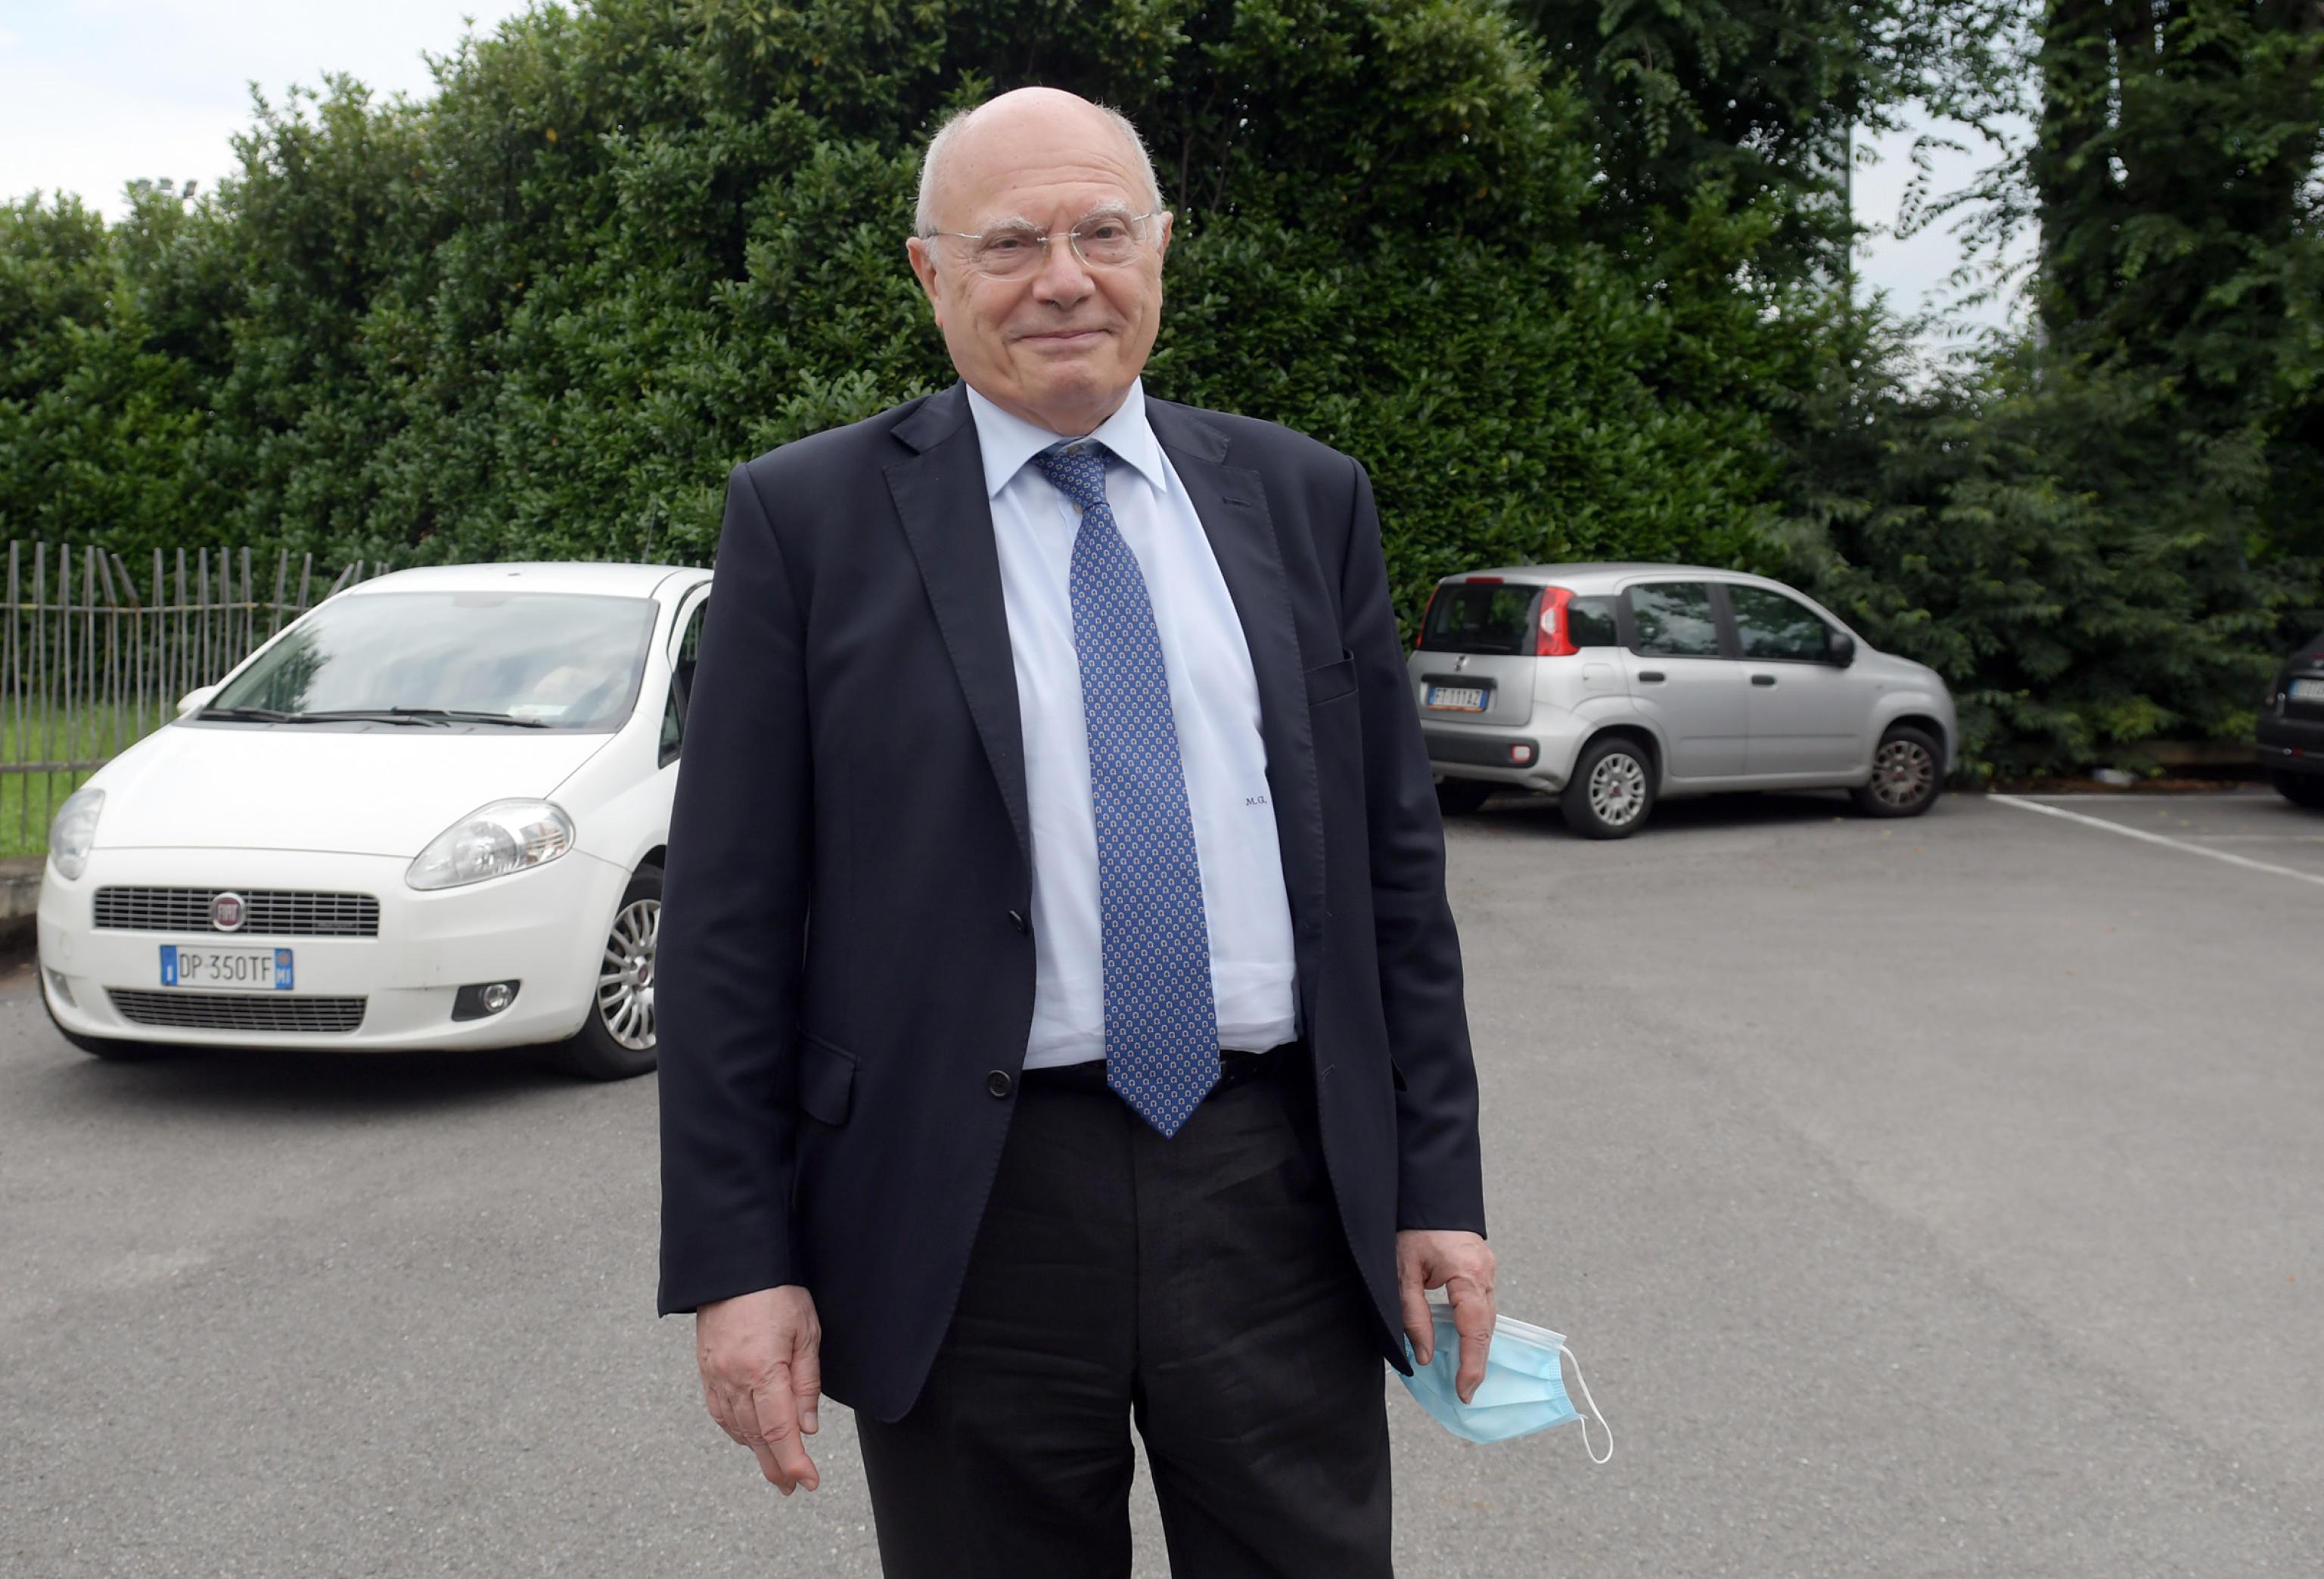 L'indagine su Massimo Galli per i concorsi truccati: «Era vicino a lui durante l'esame, è durato 15 minuti»